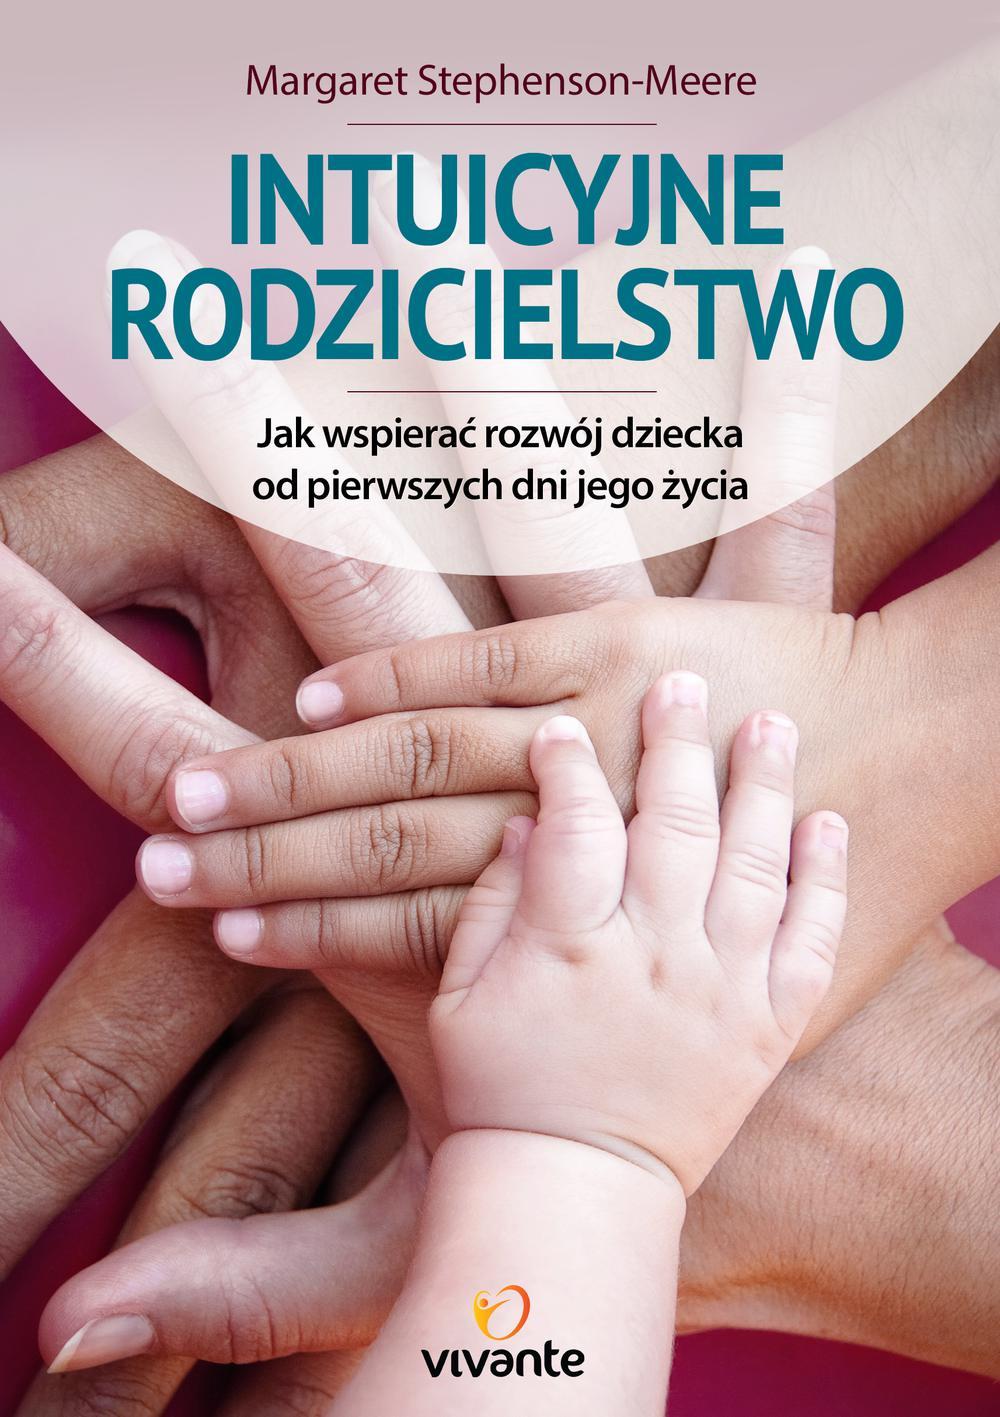 Intuicyjne rodzicielstwo. Jak wspierać rozwój dziecka od pierwszych dni jego życia - Ebook (Książka EPUB) do pobrania w formacie EPUB